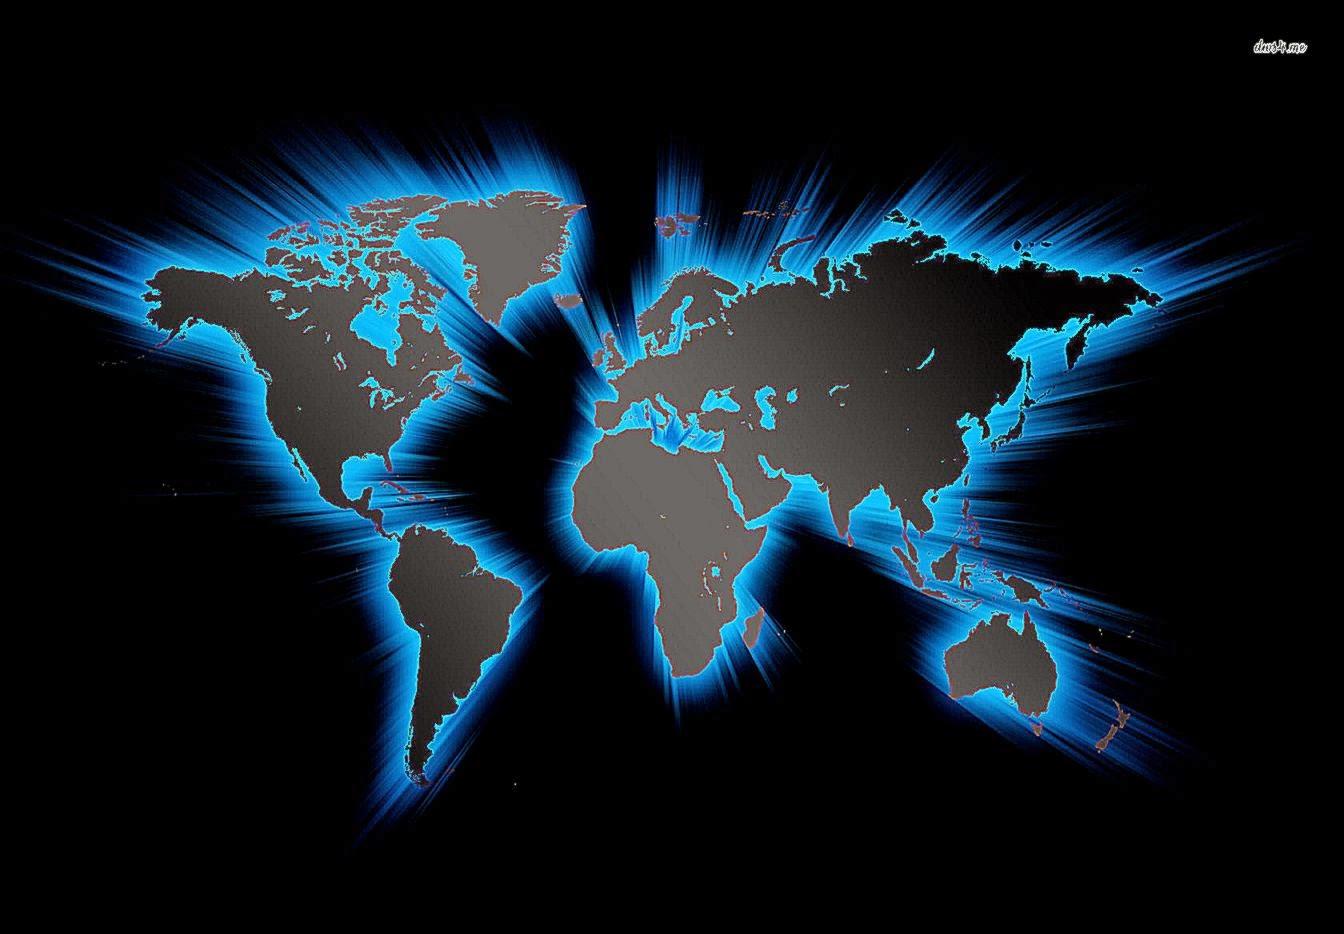 Creative digital art 3d world map globe wallpaper wallpaper download gumiabroncs Gallery